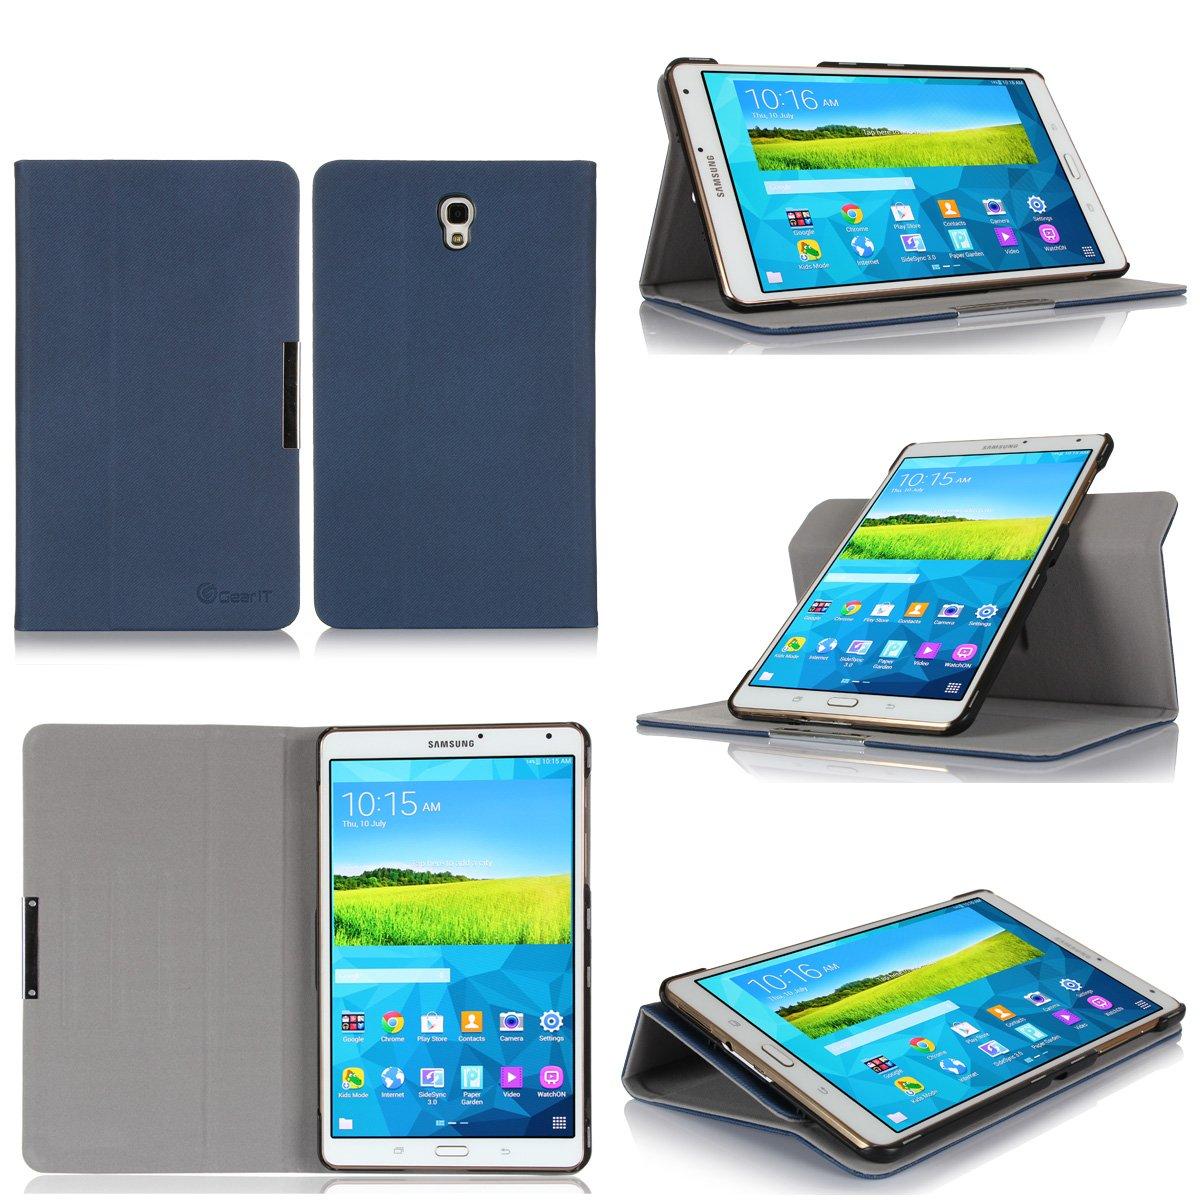 GearIt Samsung Galaxy Tab S 8.4 8,4 caso carcasas cubierta funda folio de piel  Electrónica Comentarios y más información